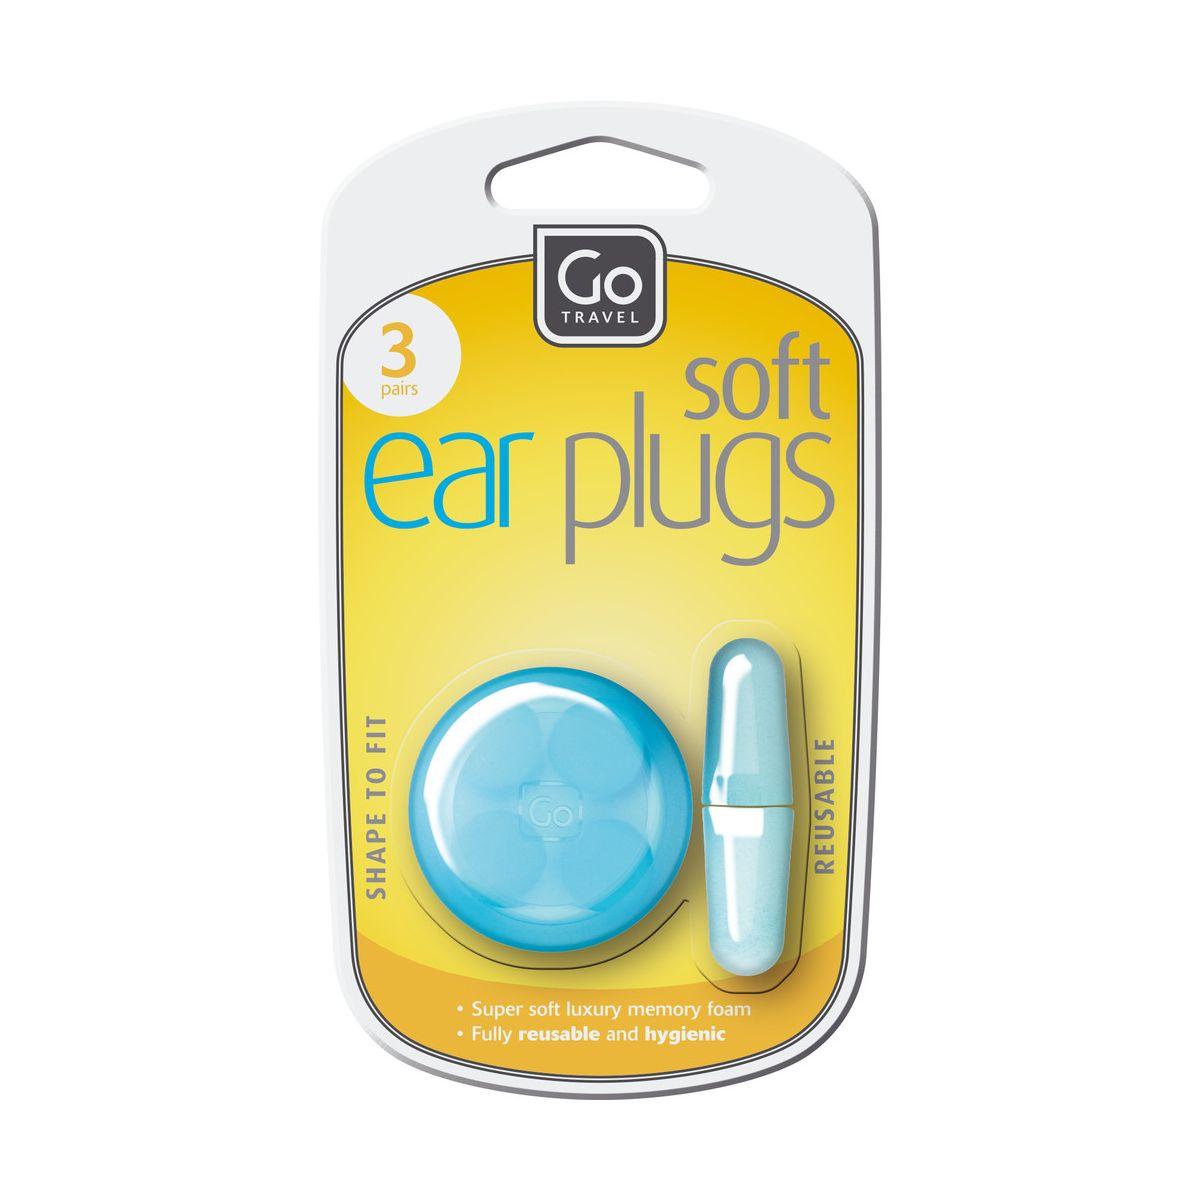 Bouchons d'oreilles go travel - 2% de remise immédiate avec le code : cool2 (photo)